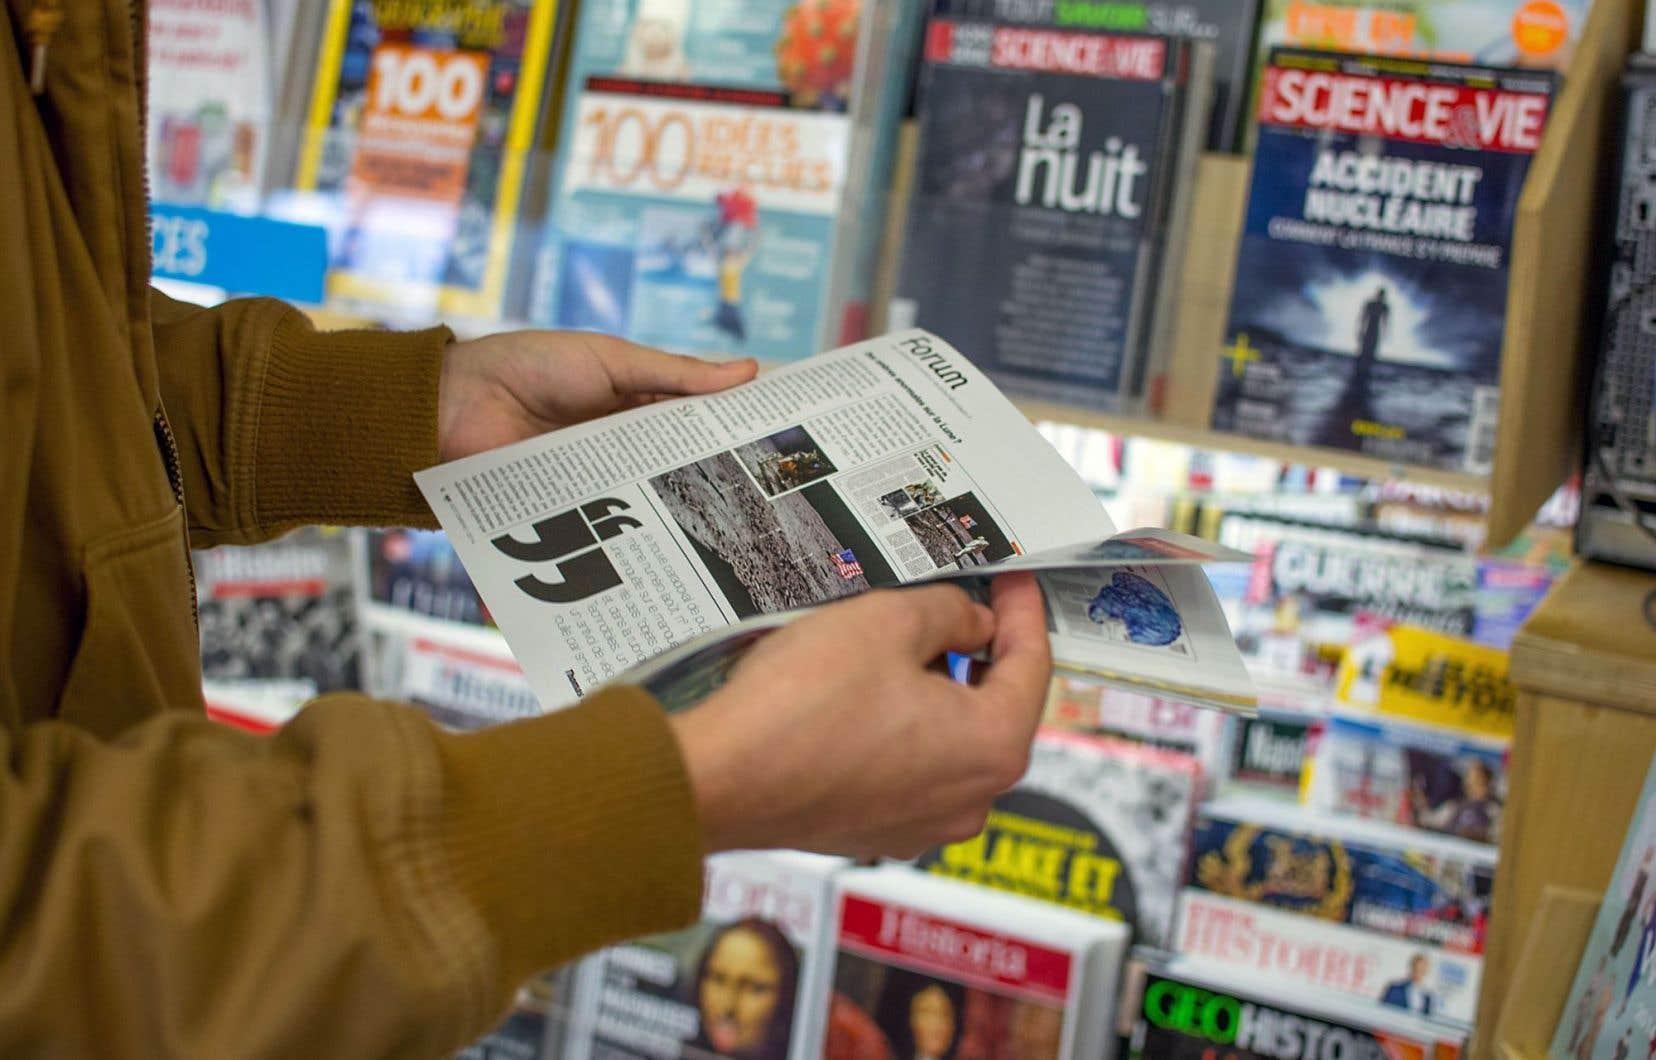 Vingt-huit des 56 revues recommandées pour financement lors du plus récent concours ne recevront aucune subvention du Québec, ni cette année ni l'an prochain.